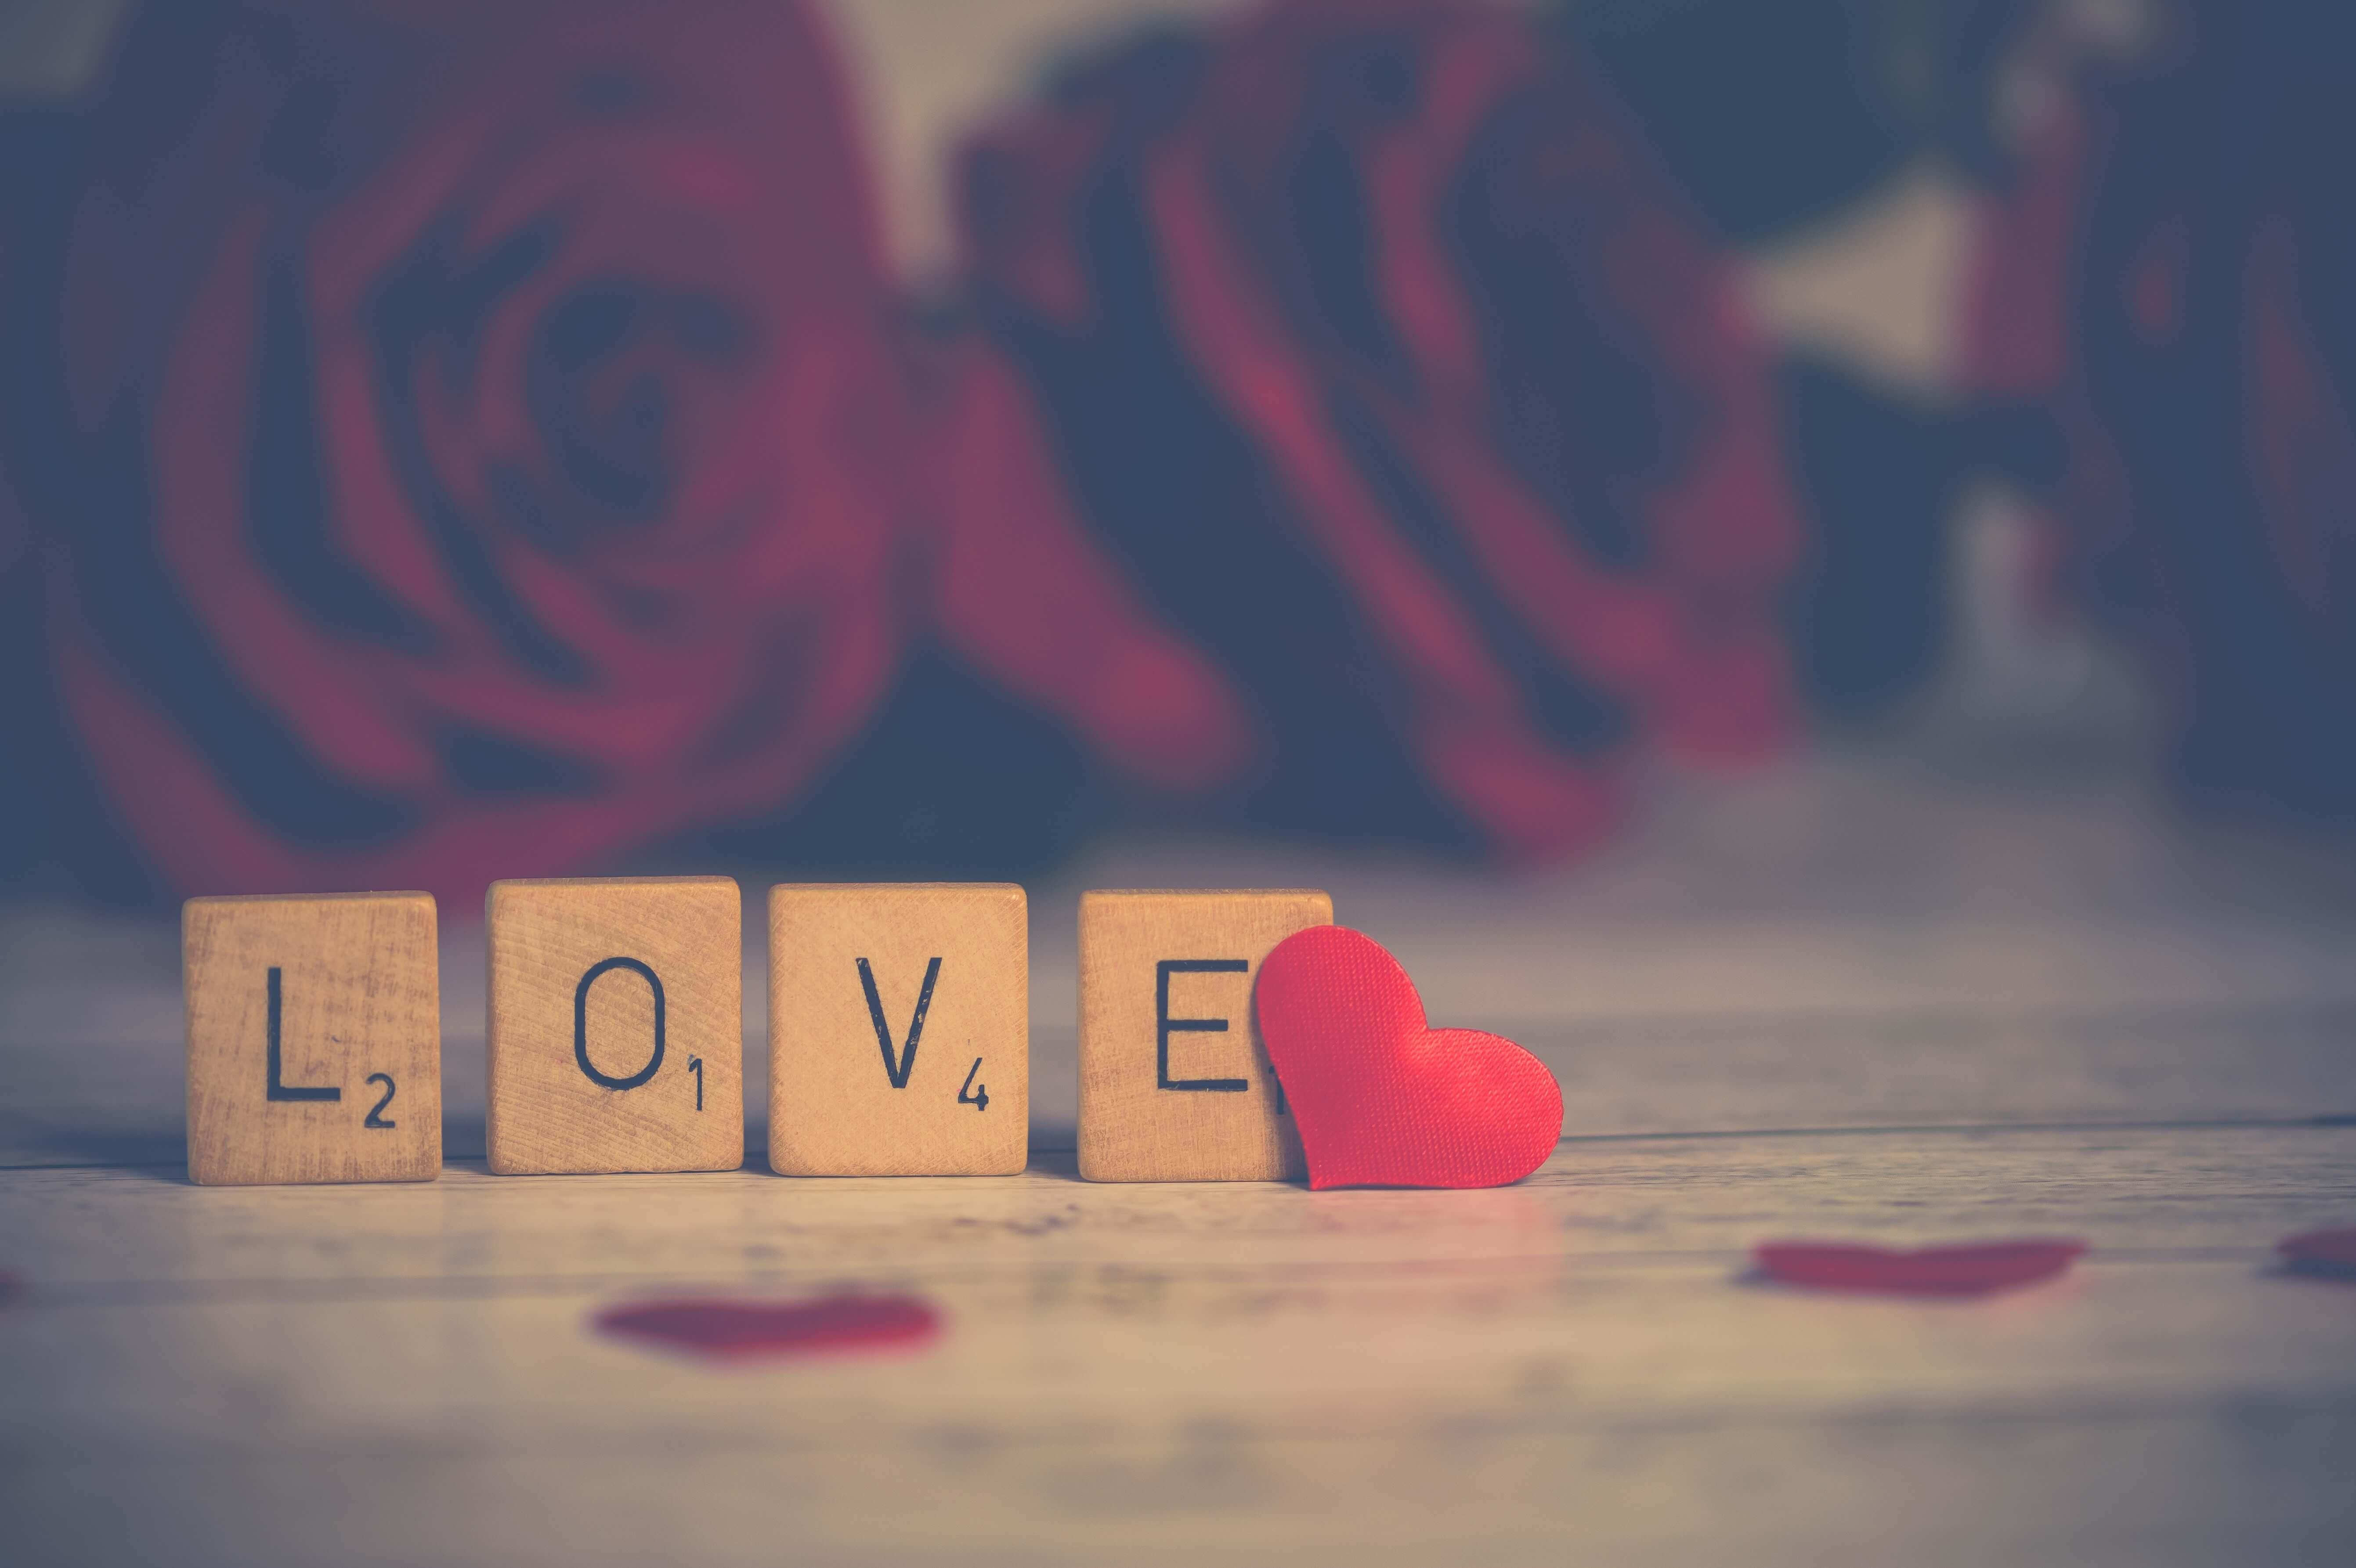 Милые и романтические картинки для любимой - скачать (20 фото) 8